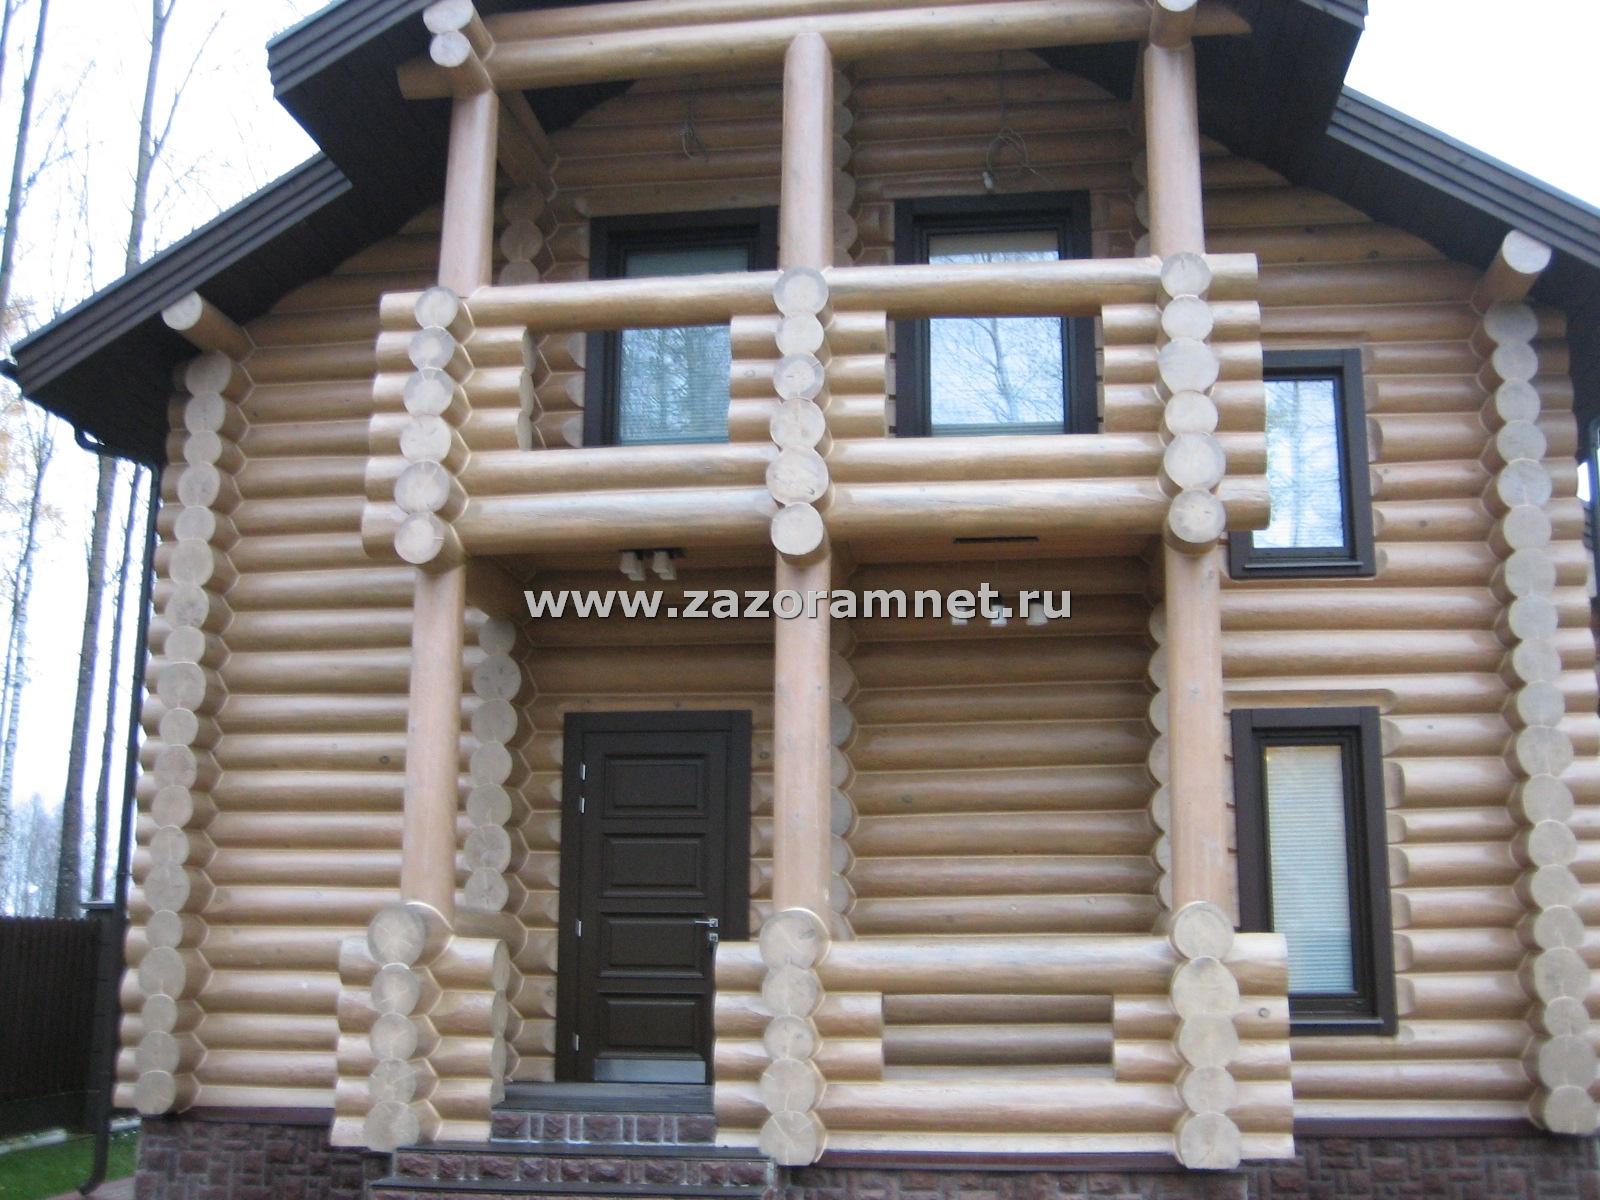 Пример утепления 2-х этажного дома из оцилиндровки, герметиком теплый шов